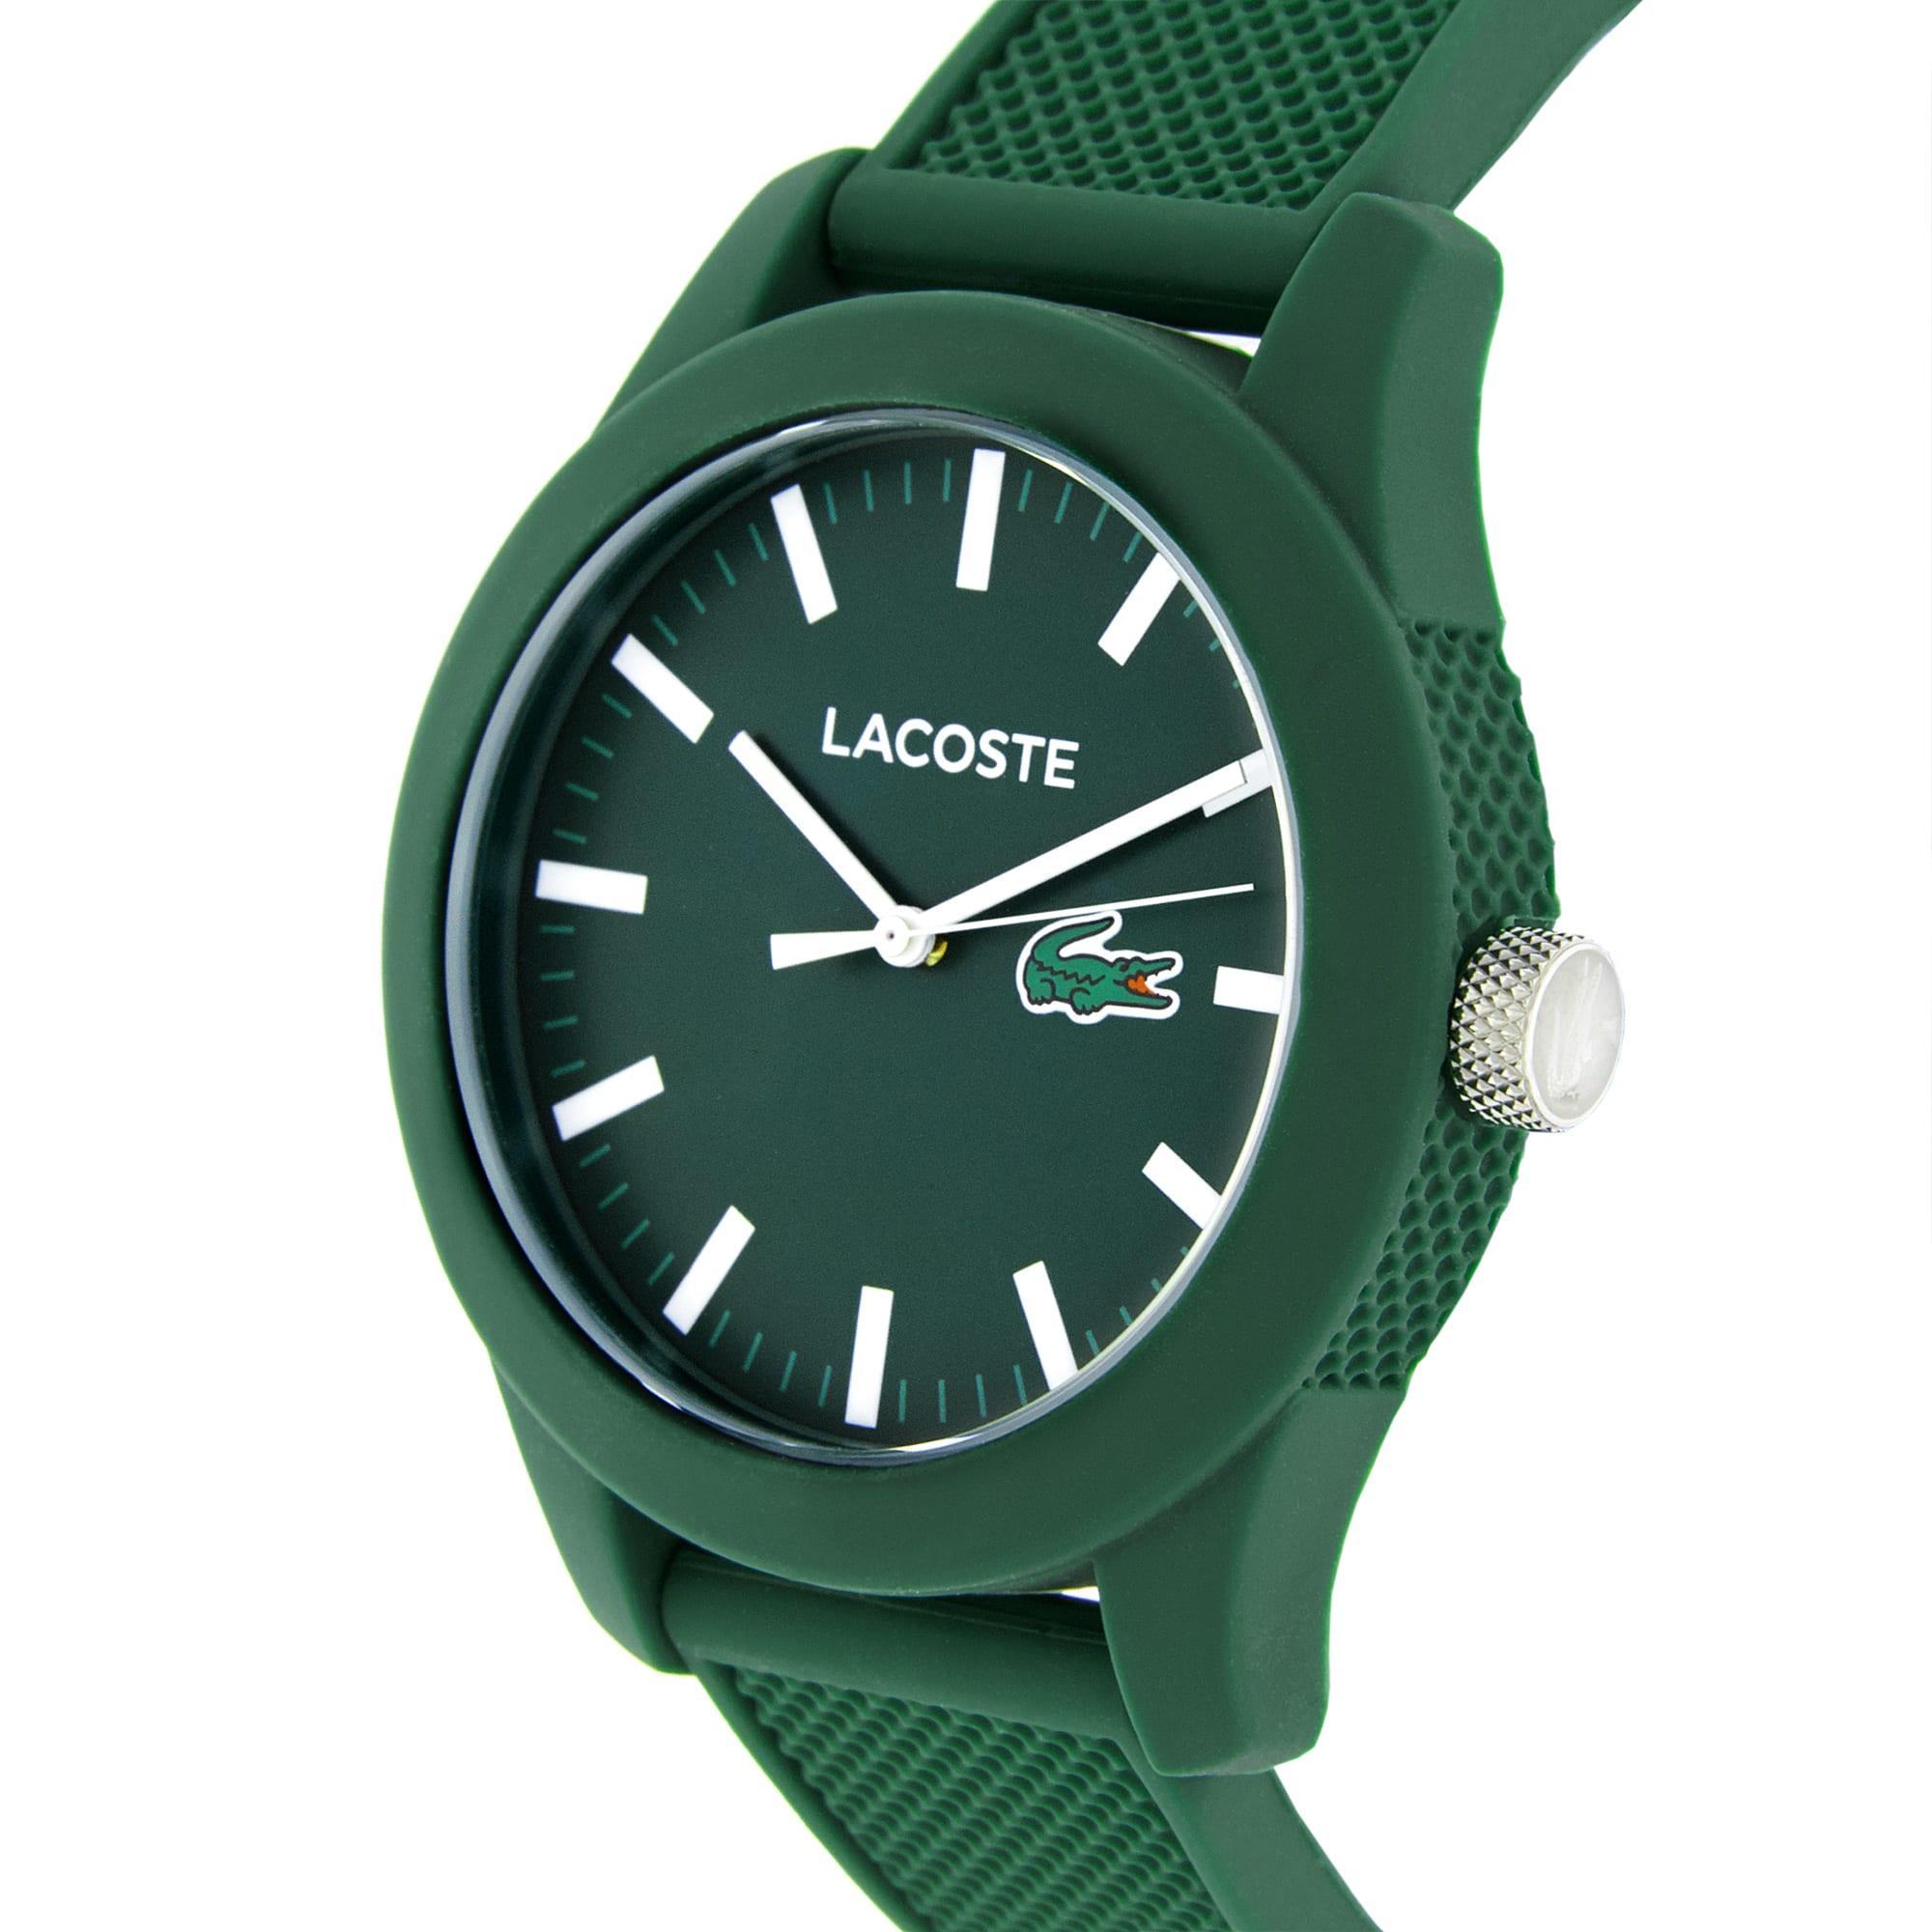 Relógio Lacoste 12.12 de homem com bracelete de silicone verde